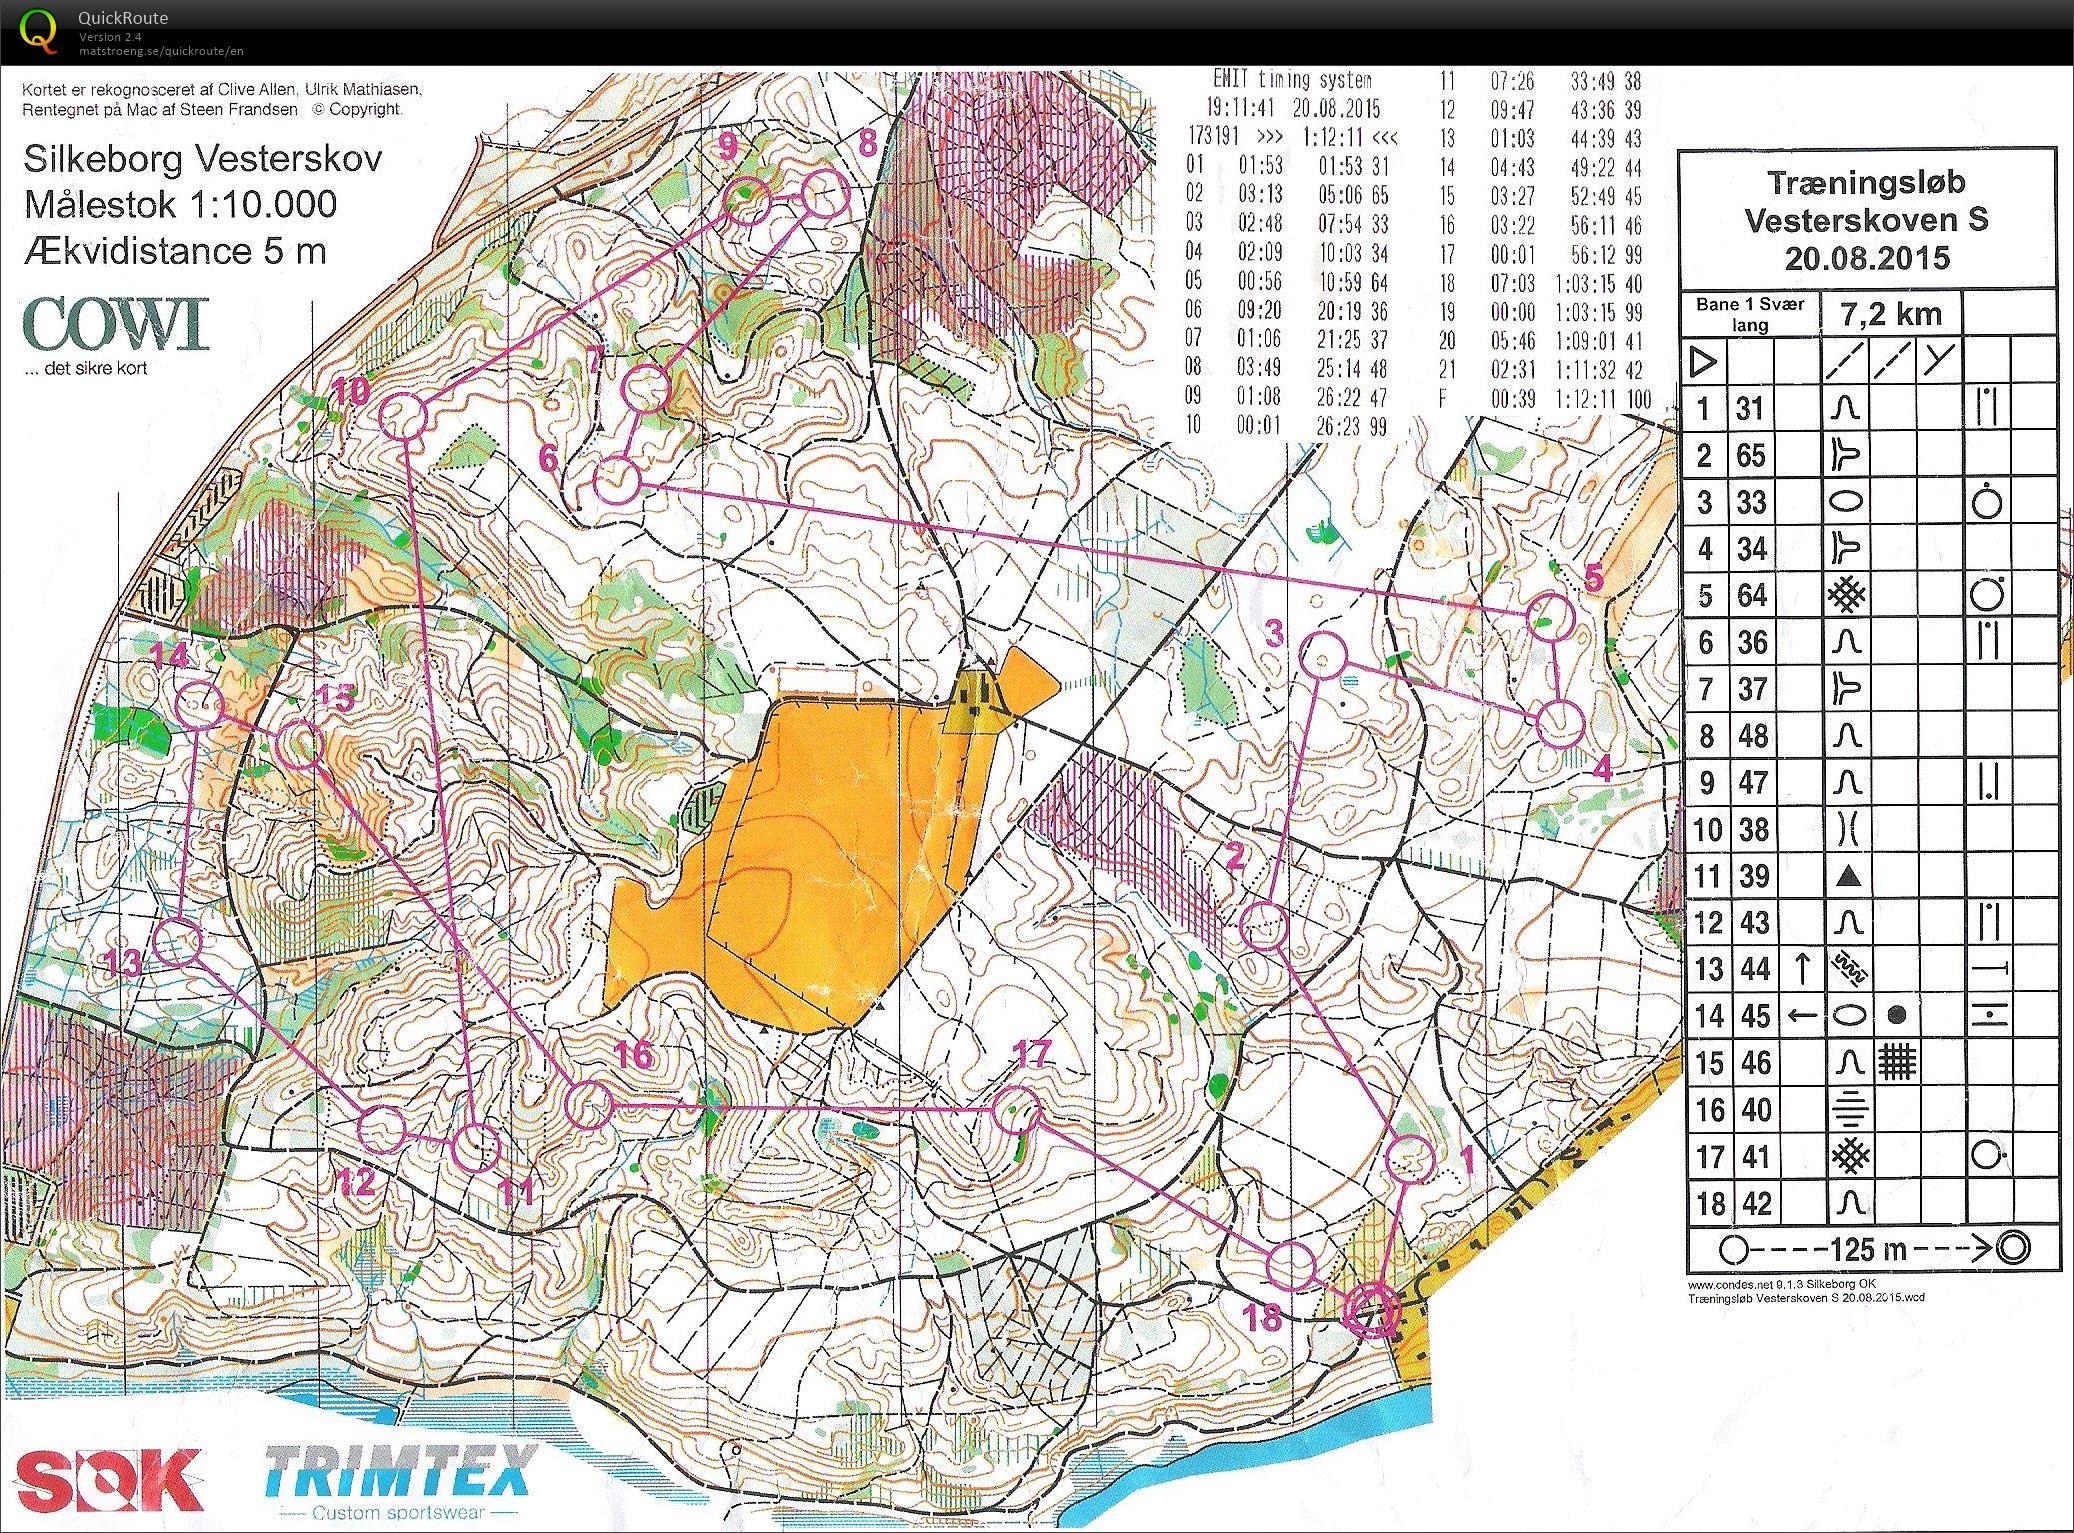 Silkeborg Vesterskov bane 1 - August 20th 2015 - Orienteering Map ...